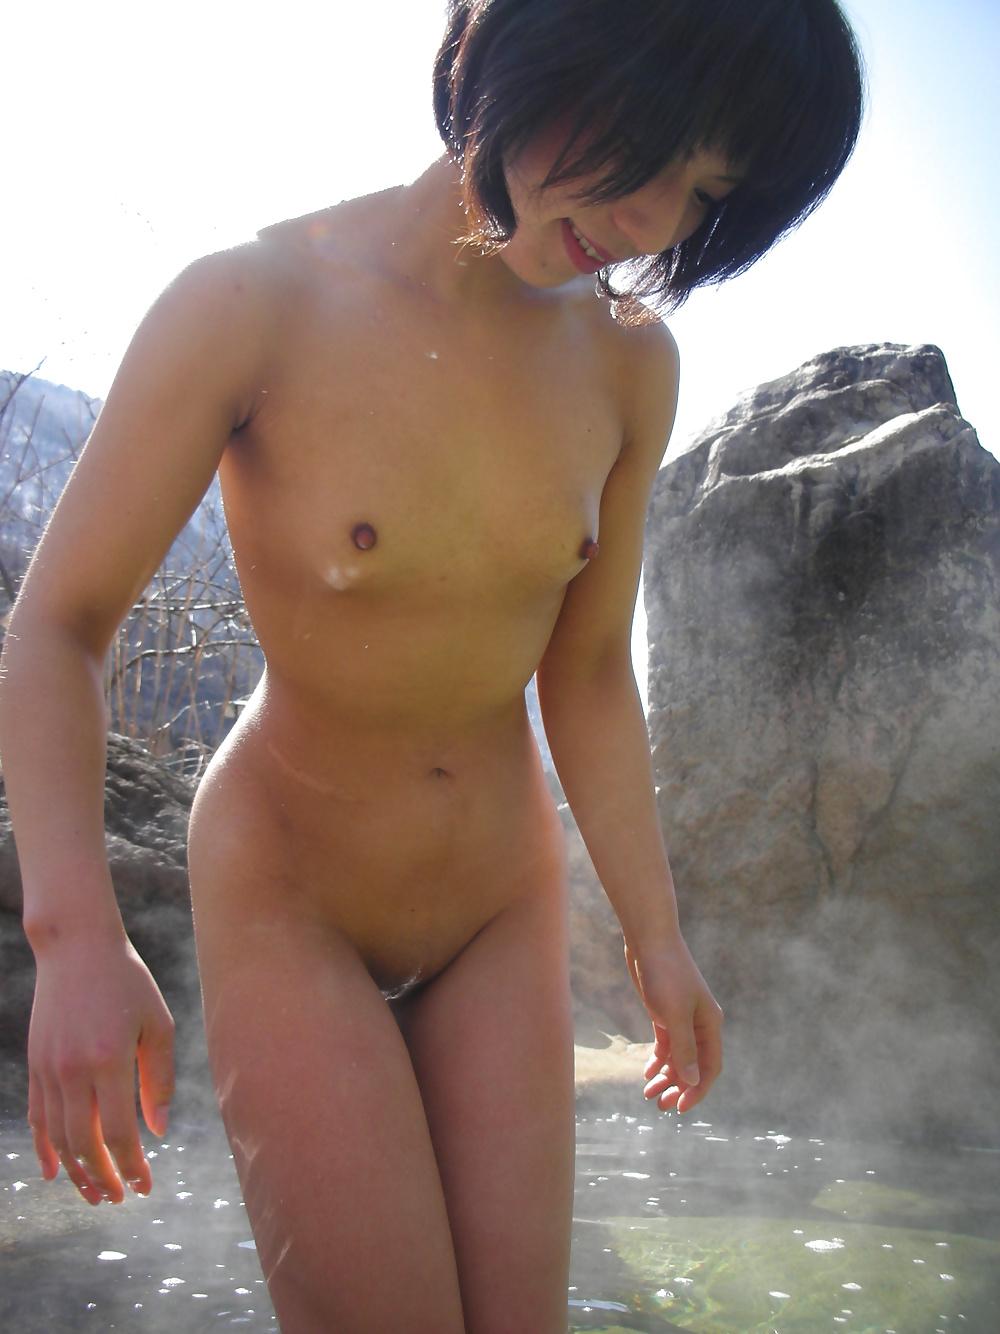 Asiatische Teen verbergt ihre Muschi nicht. - Bild 6